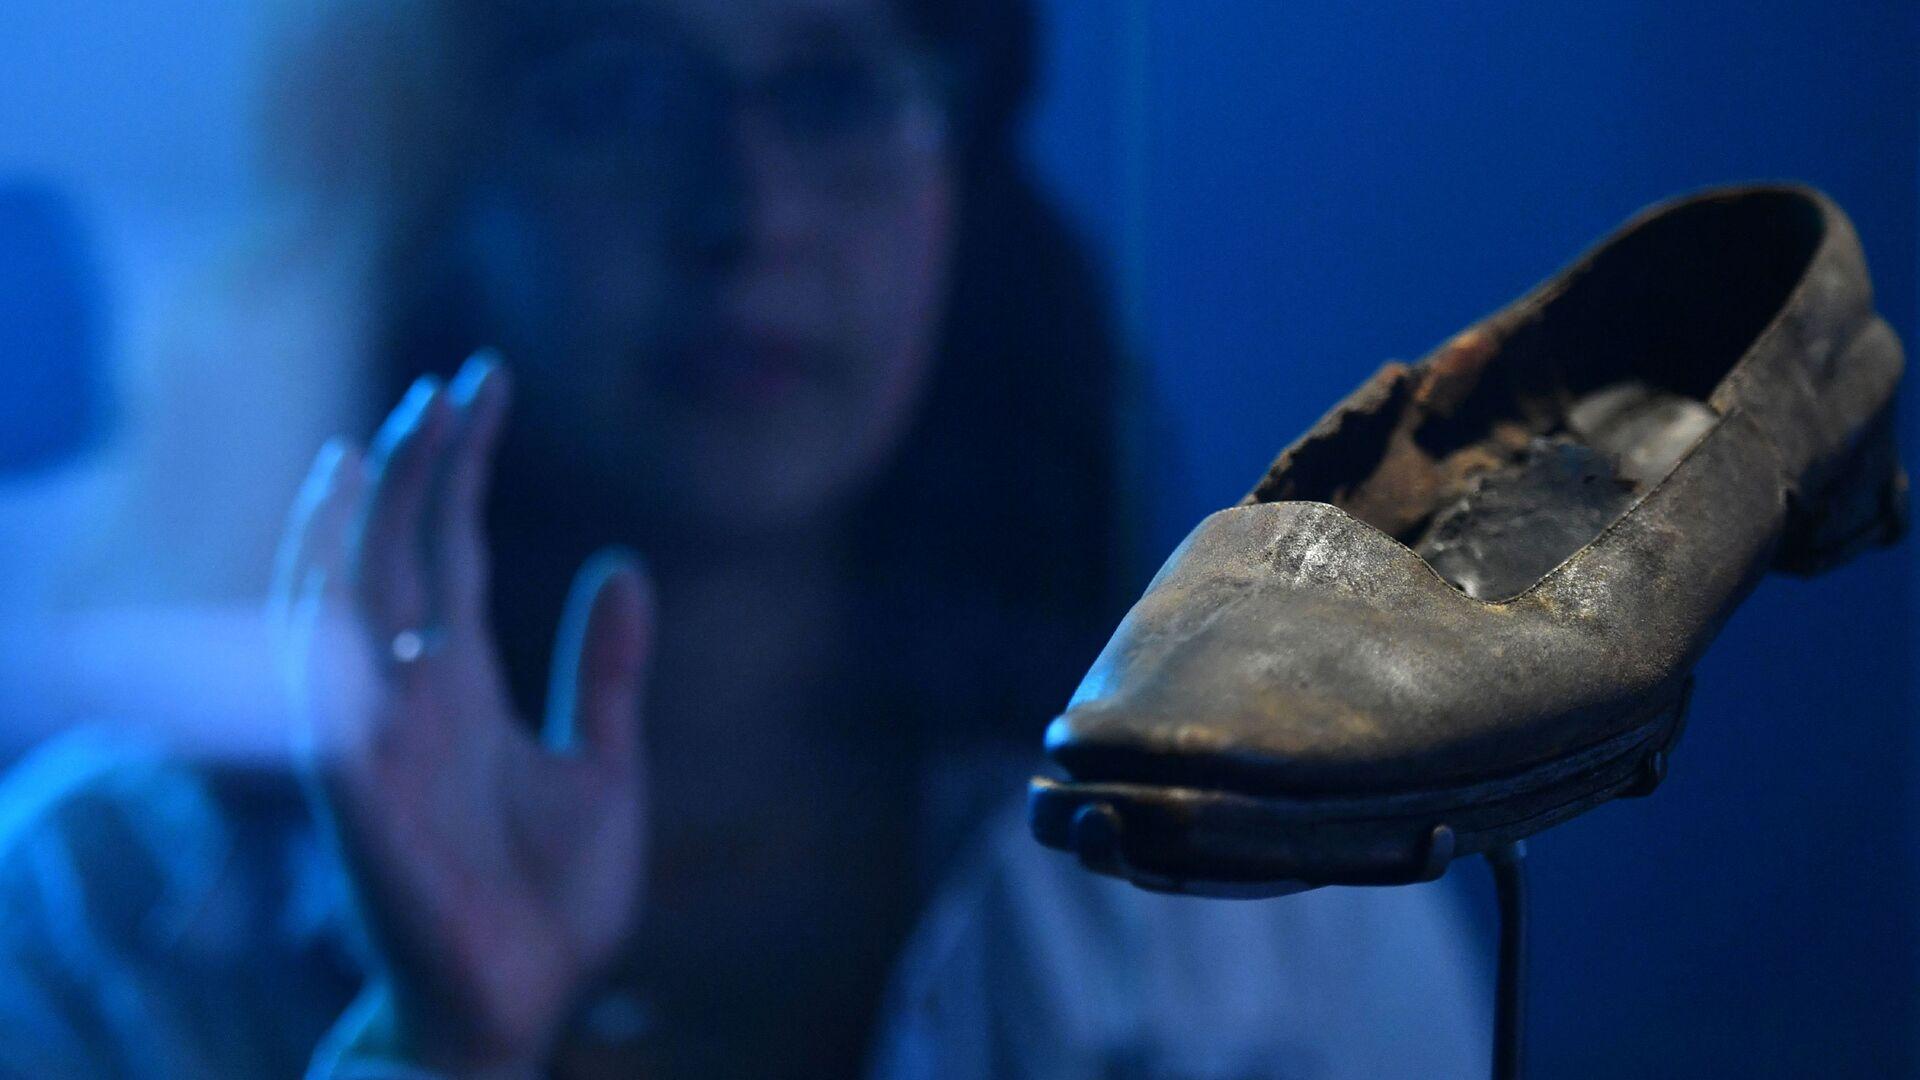 Kožená bota na výstavě v Národním mořském muzeu v britském Greenwichi - Sputnik Česká republika, 1920, 20.05.2021